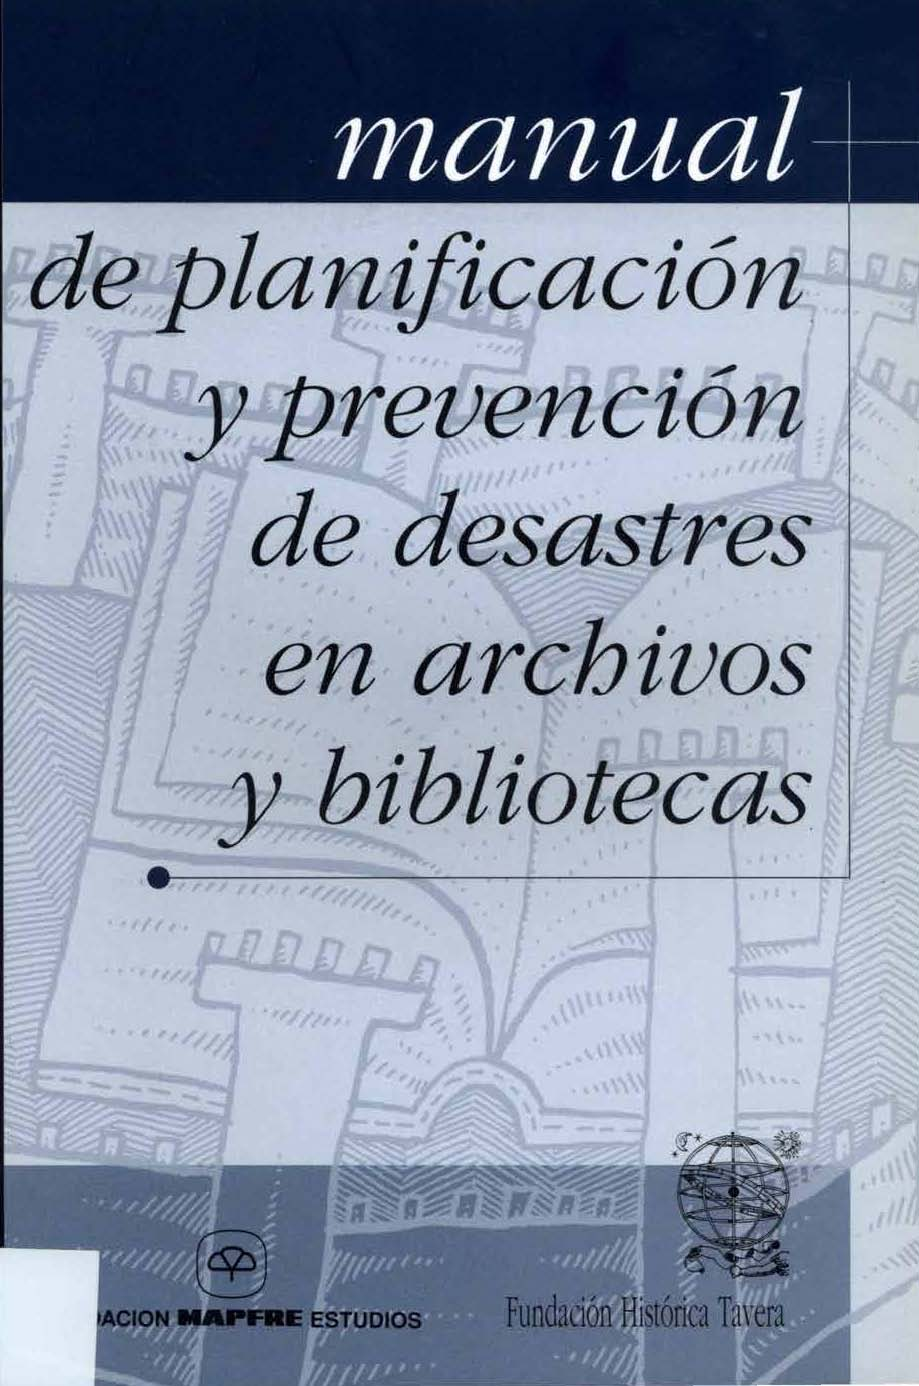 Pages from Manual de prevención de desastres en archivos, y biliotecas